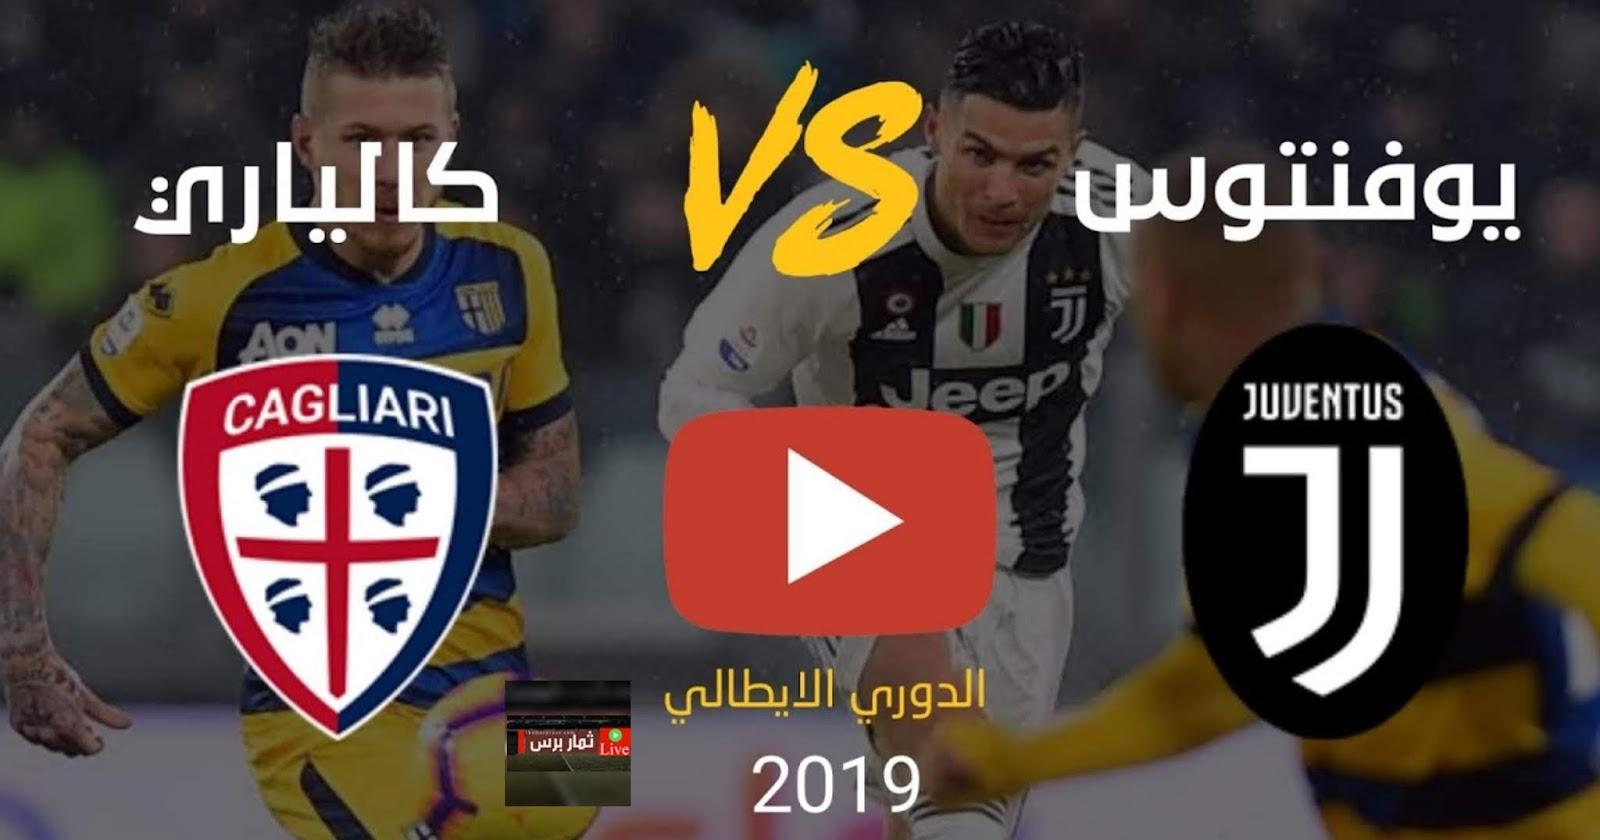 مشاهدة مباراة يوفنتوس وكالياري بث مباشر بتاريخ 02-04-2019 الدوري الايطالي مباشر الآن